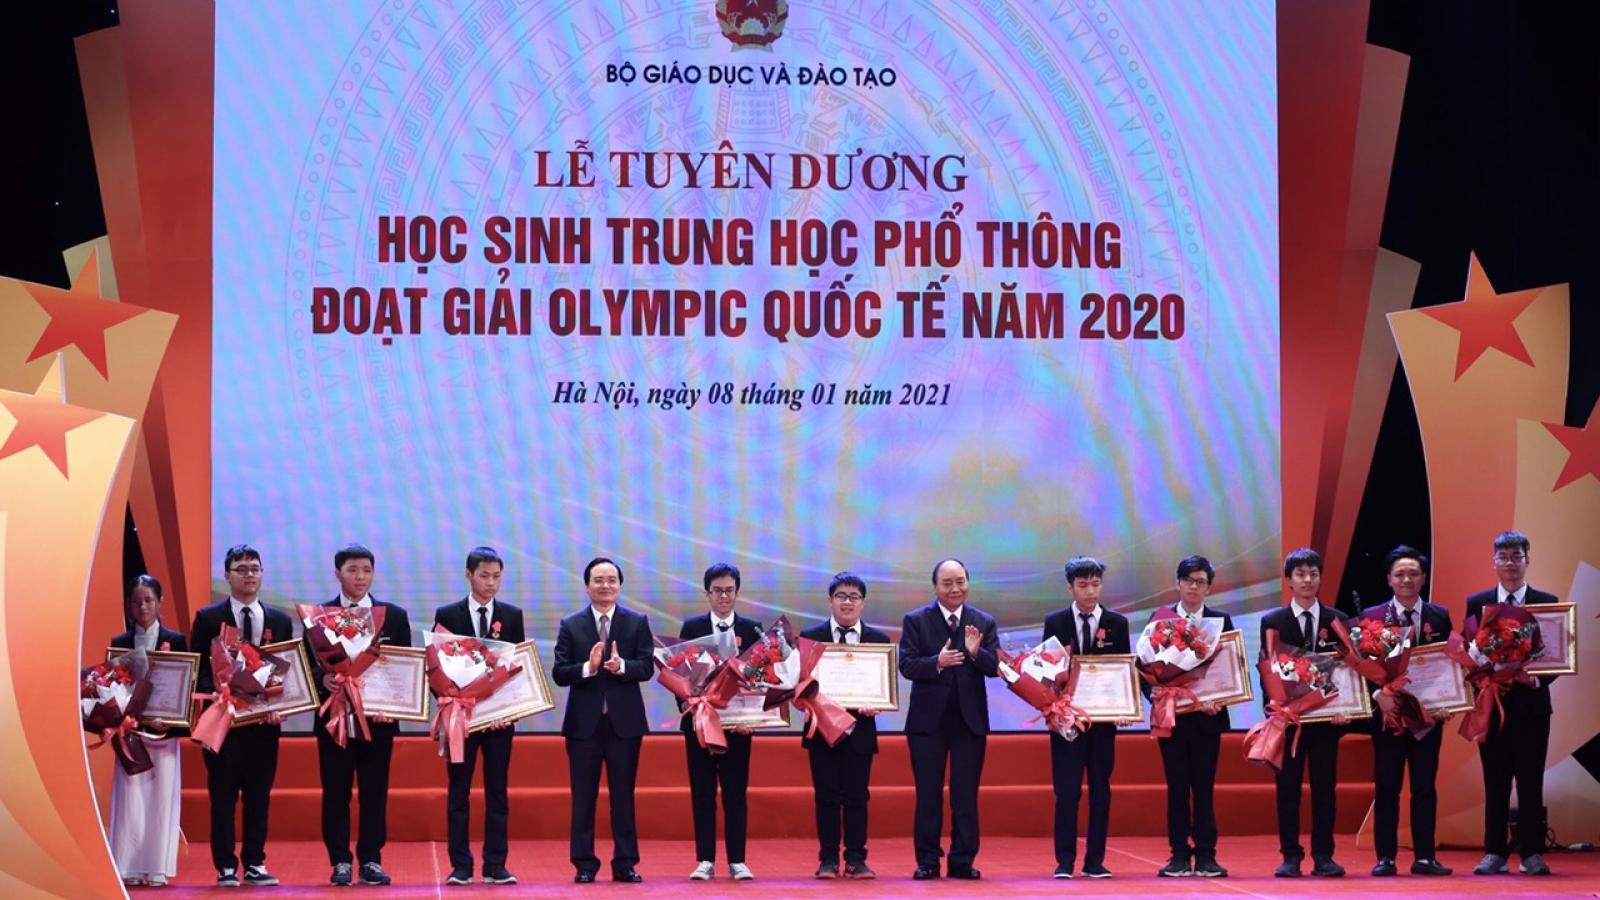 Thủ tướng tuyên dương các học sinh THPT đoạt giải Olympic quốc tế năm 2020